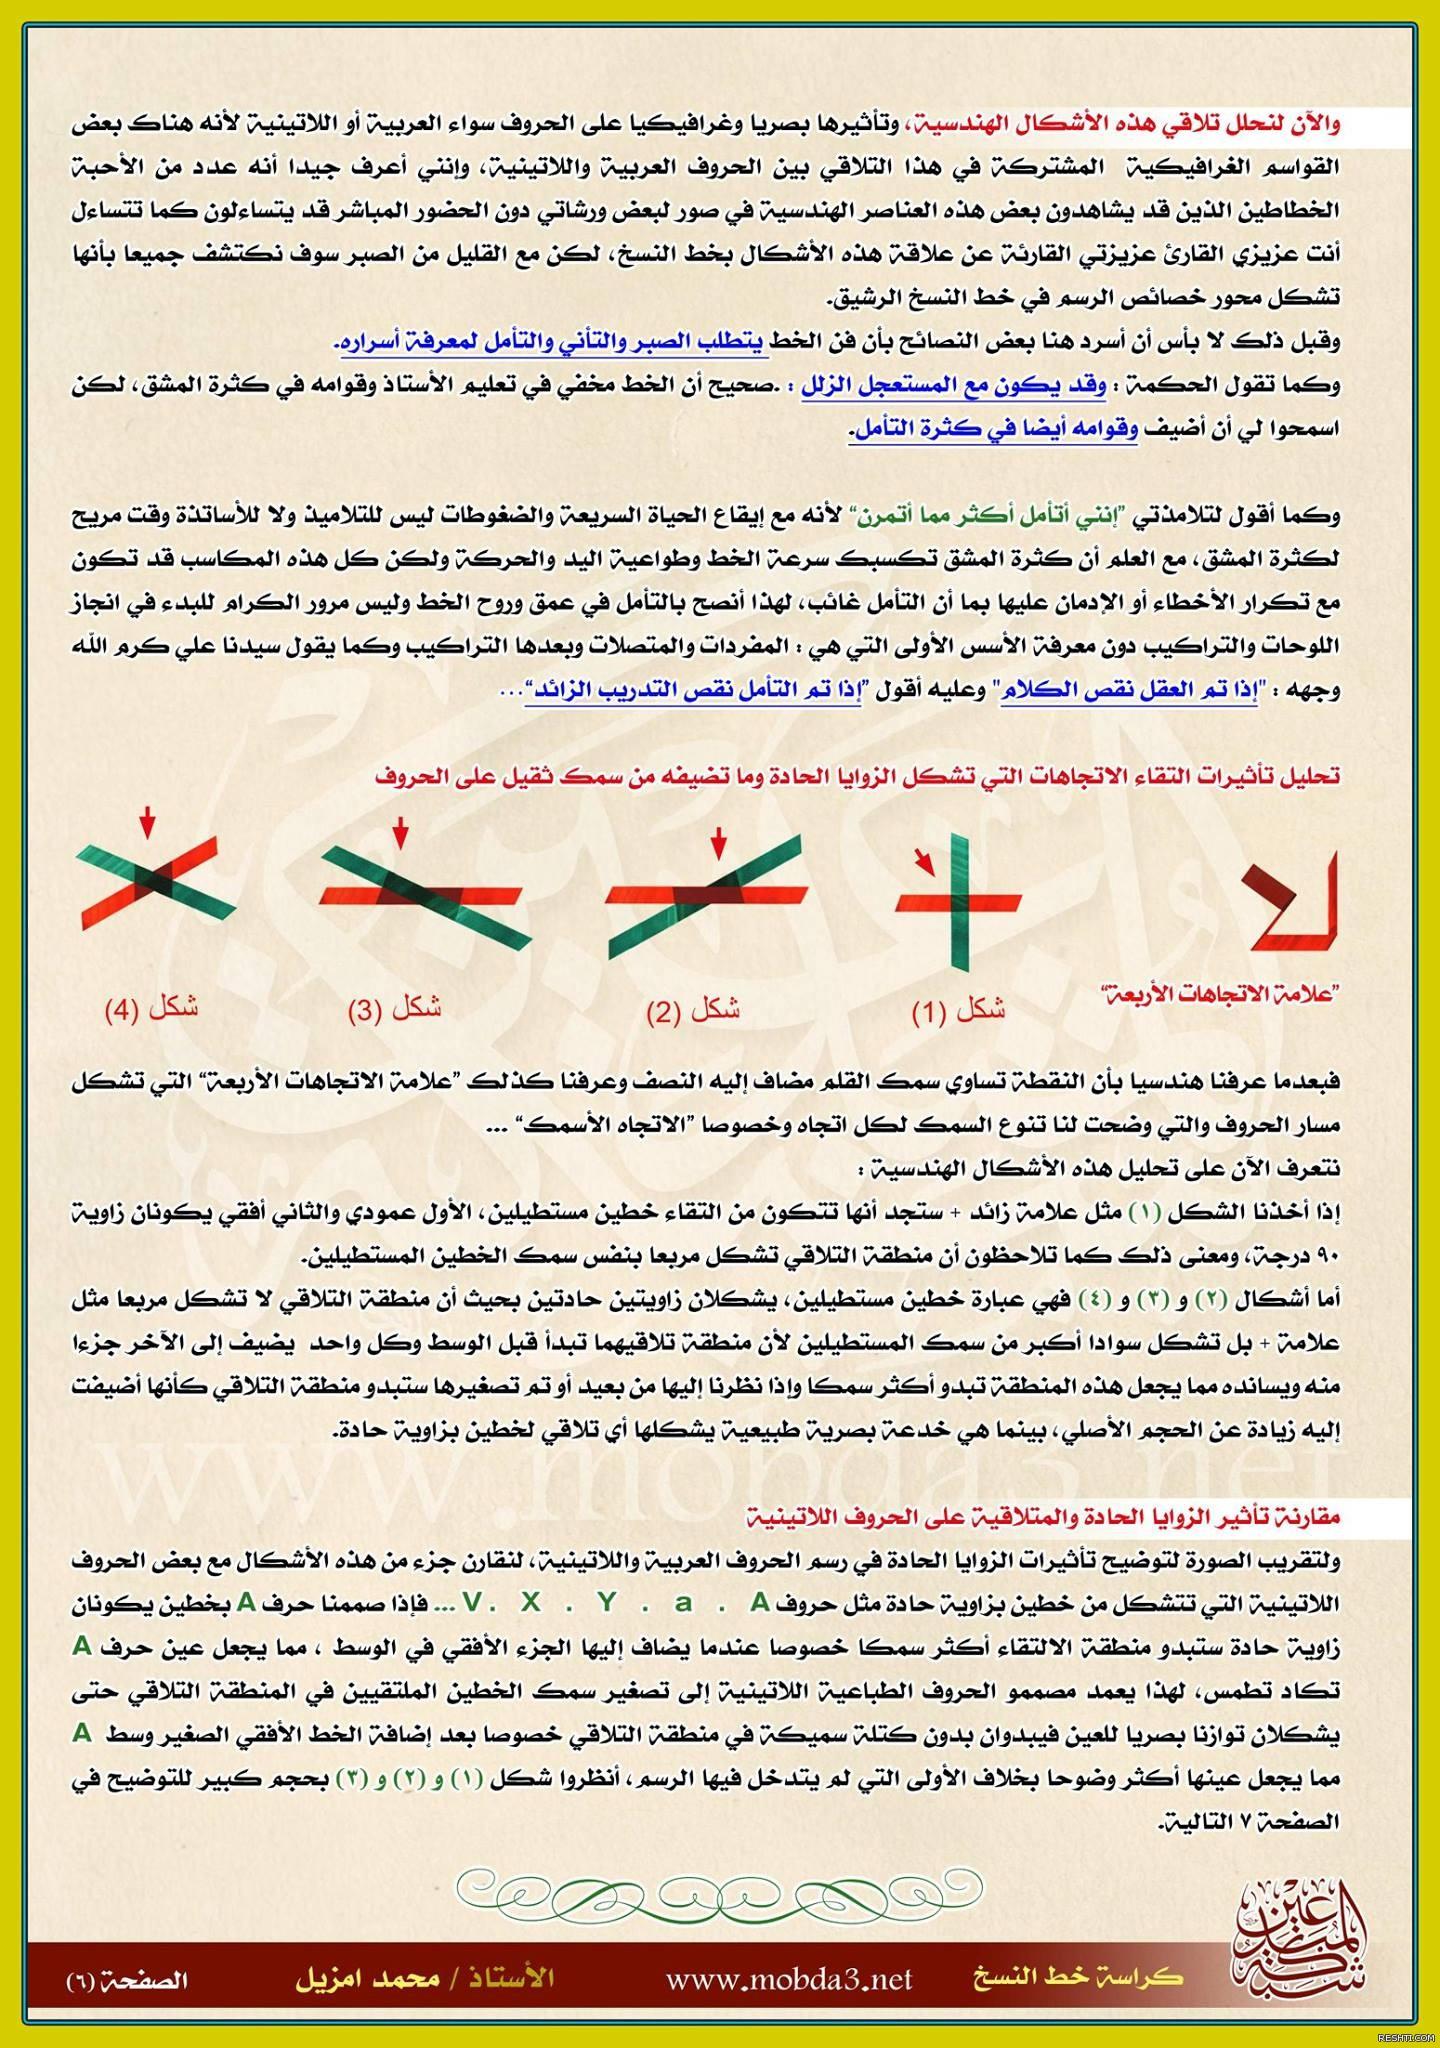 أسرار الرسم في خط النسخ - محمد أمزيل 7